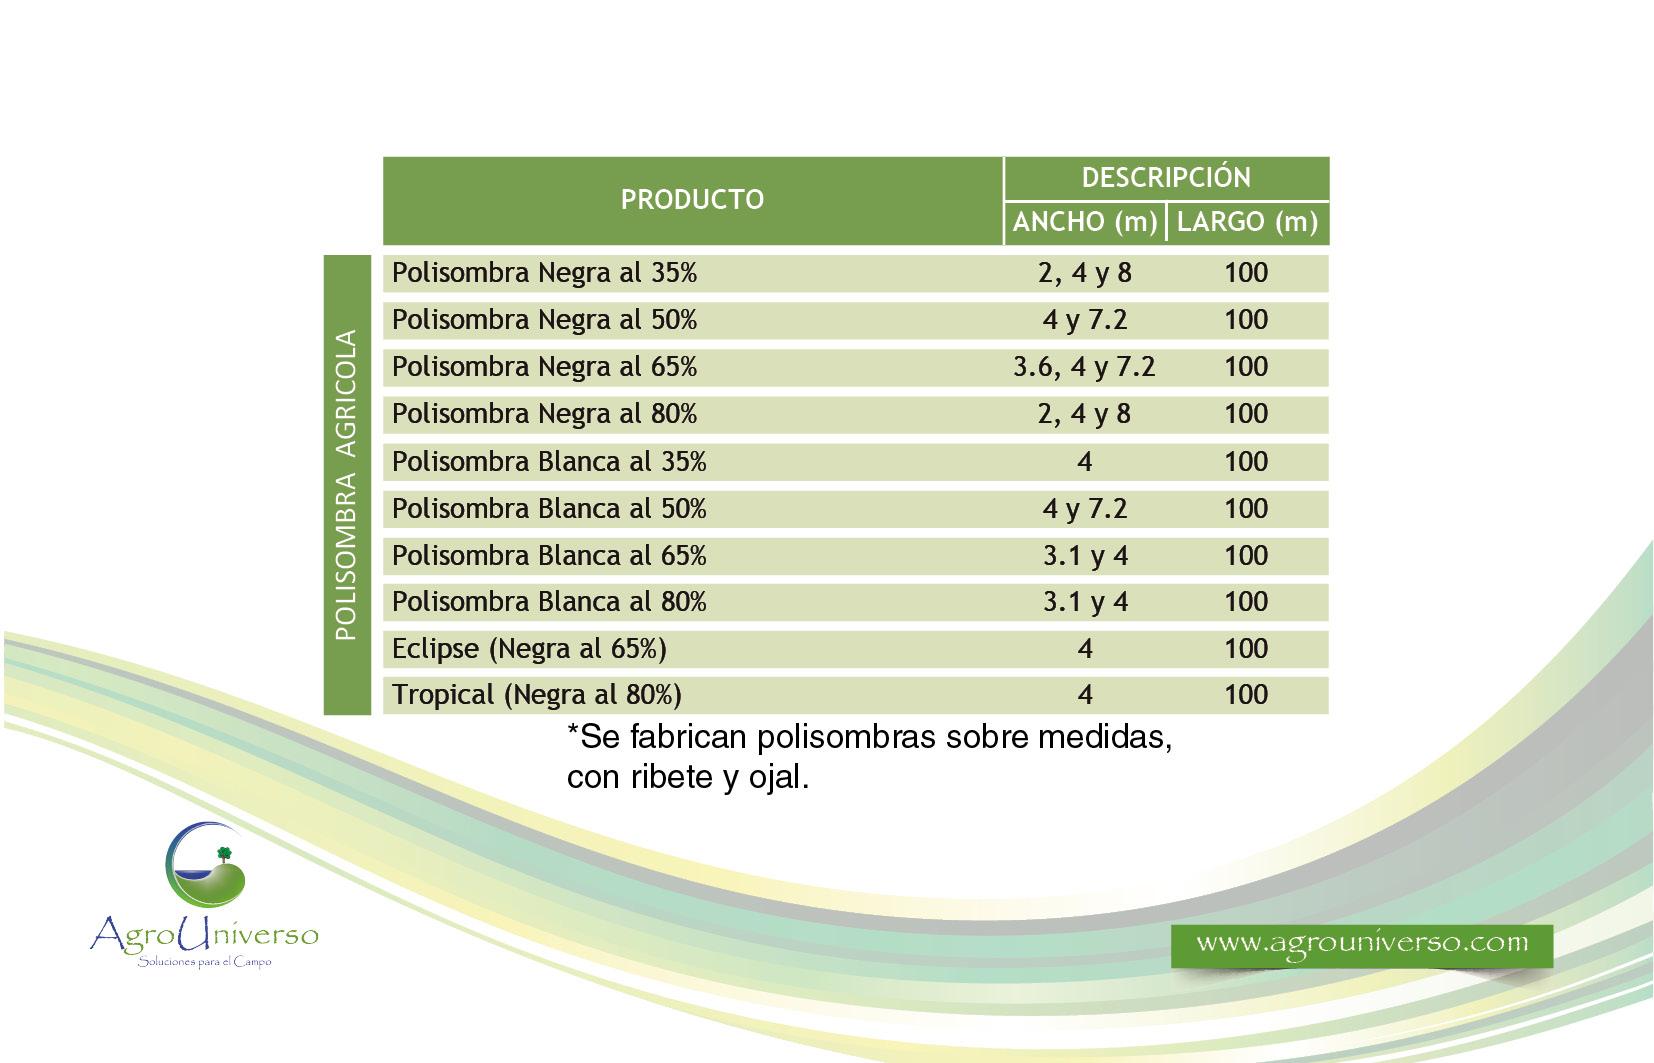 Catlogo-de-productos-Agrouniverso-3-A